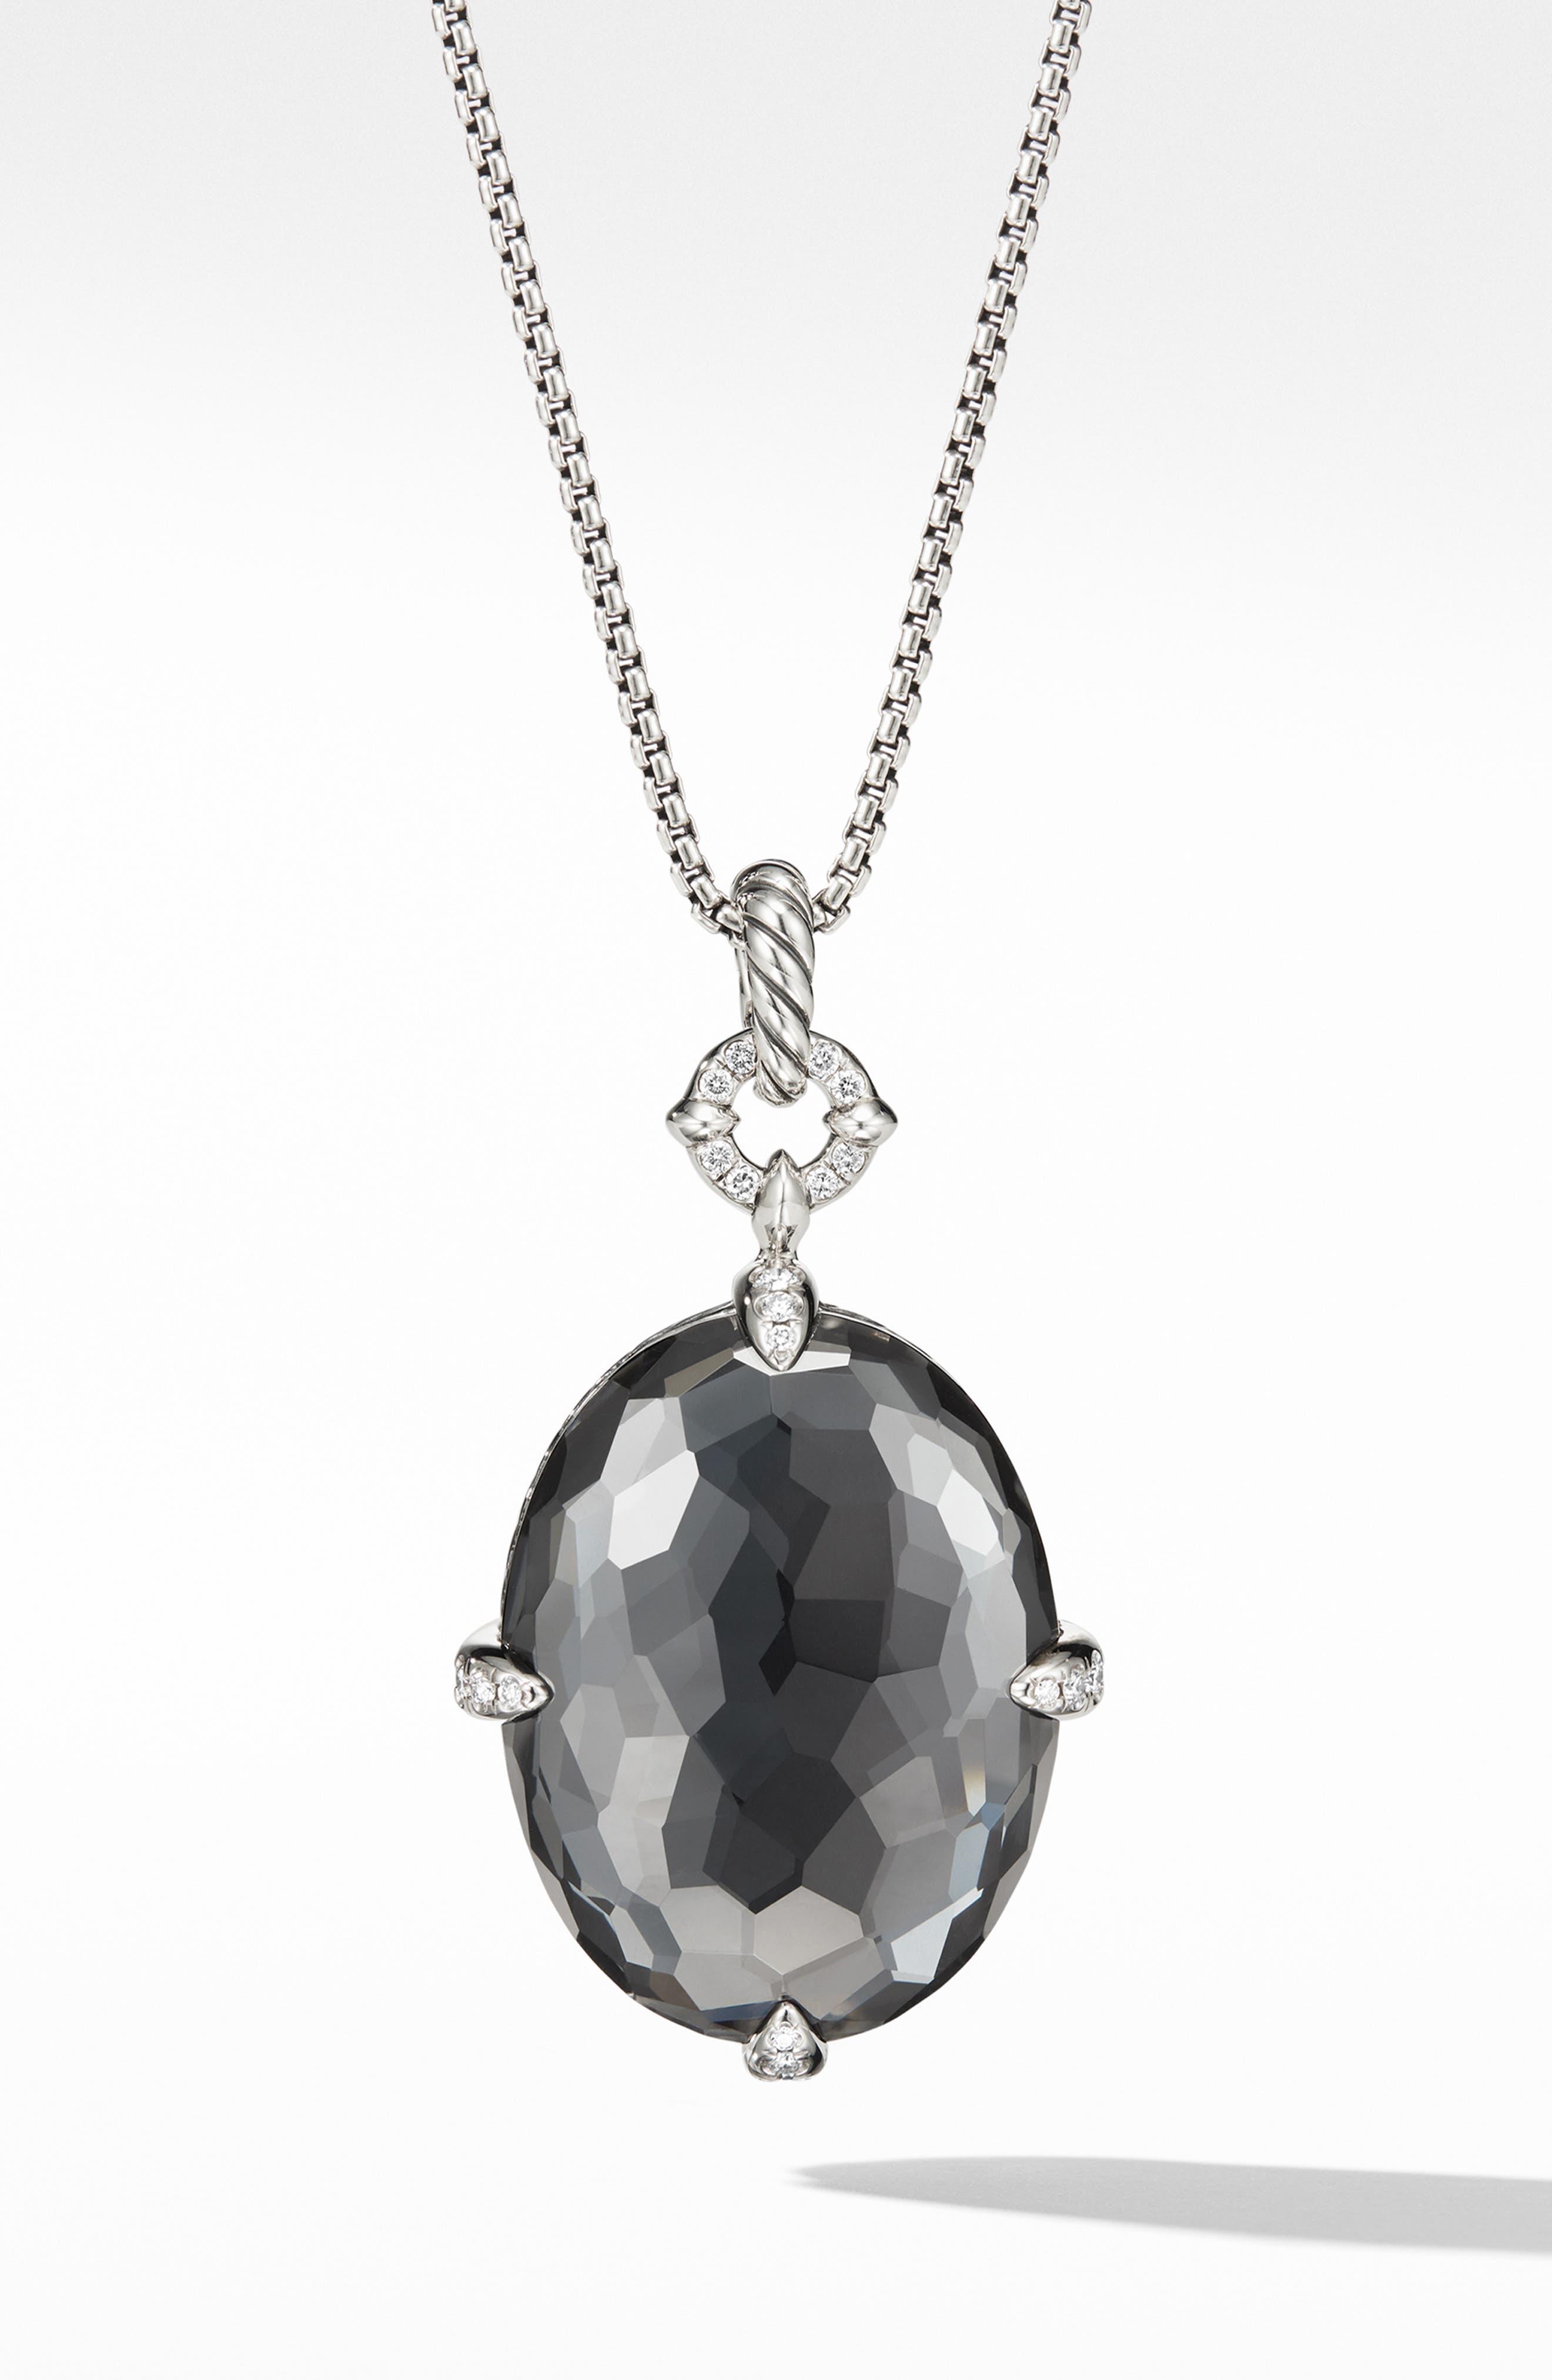 Châtelaine<sup>®</sup> Big Color Pendant Necklace,                             Main thumbnail 1, color,                             SILVER/ DIAMOND/ HEMATITE